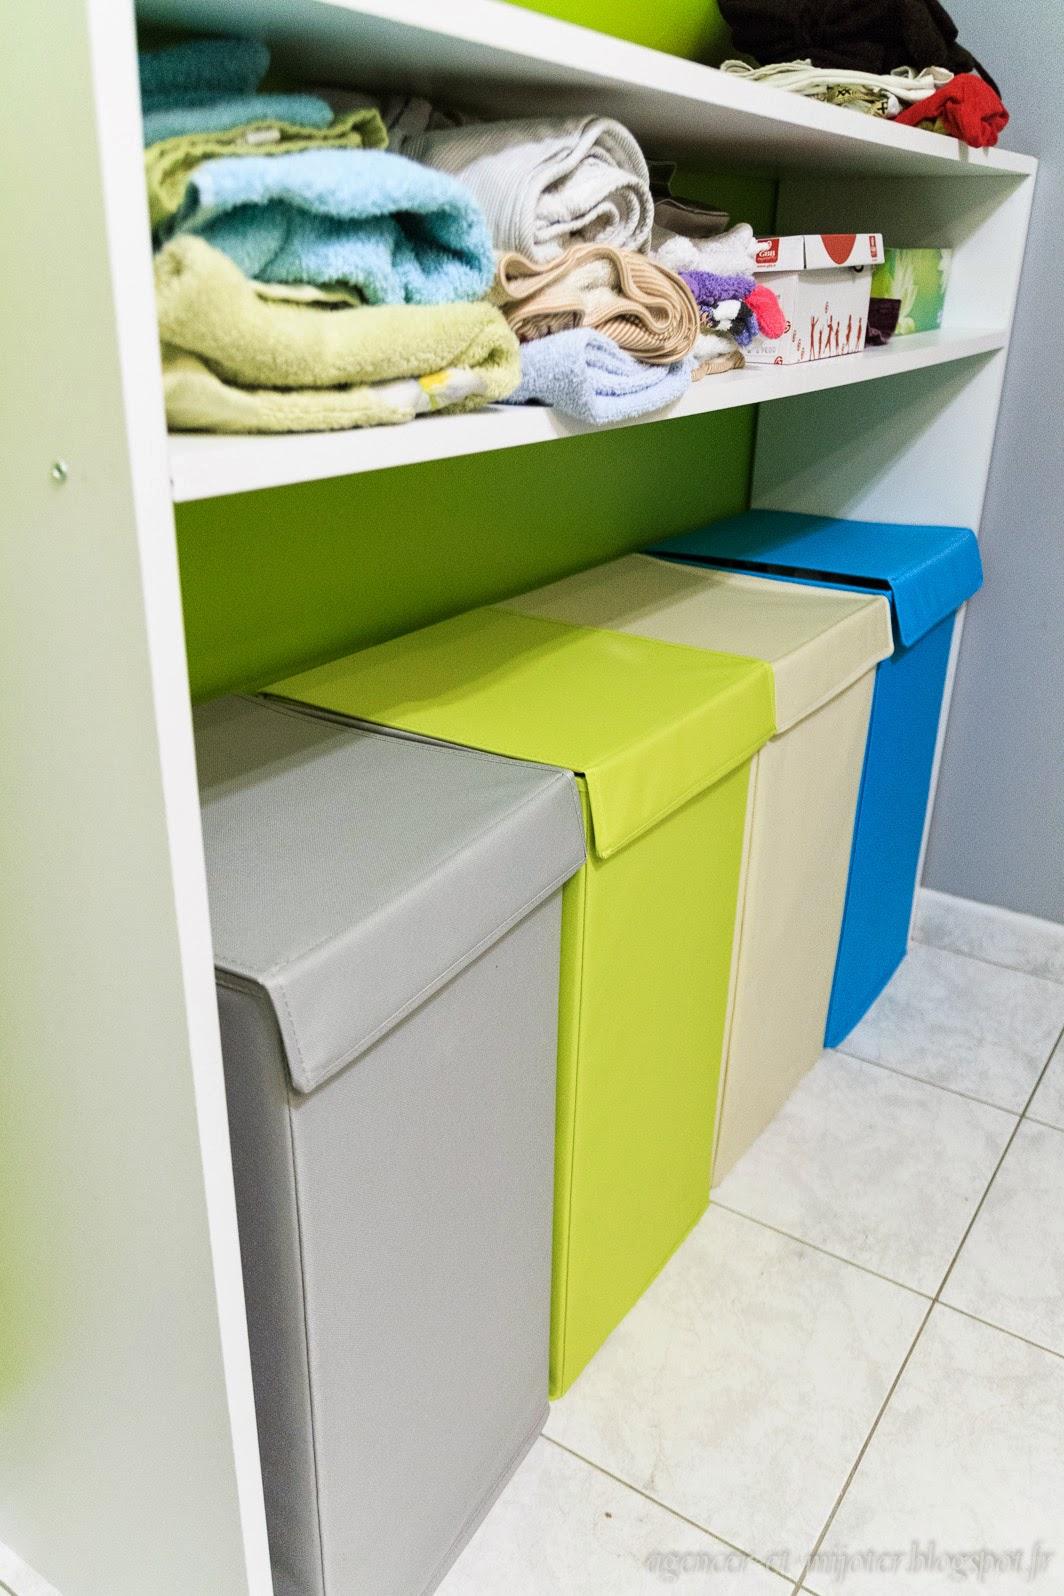 agencer et mijoter id e pratique et d co meuble sur mesure pour trier le linge. Black Bedroom Furniture Sets. Home Design Ideas